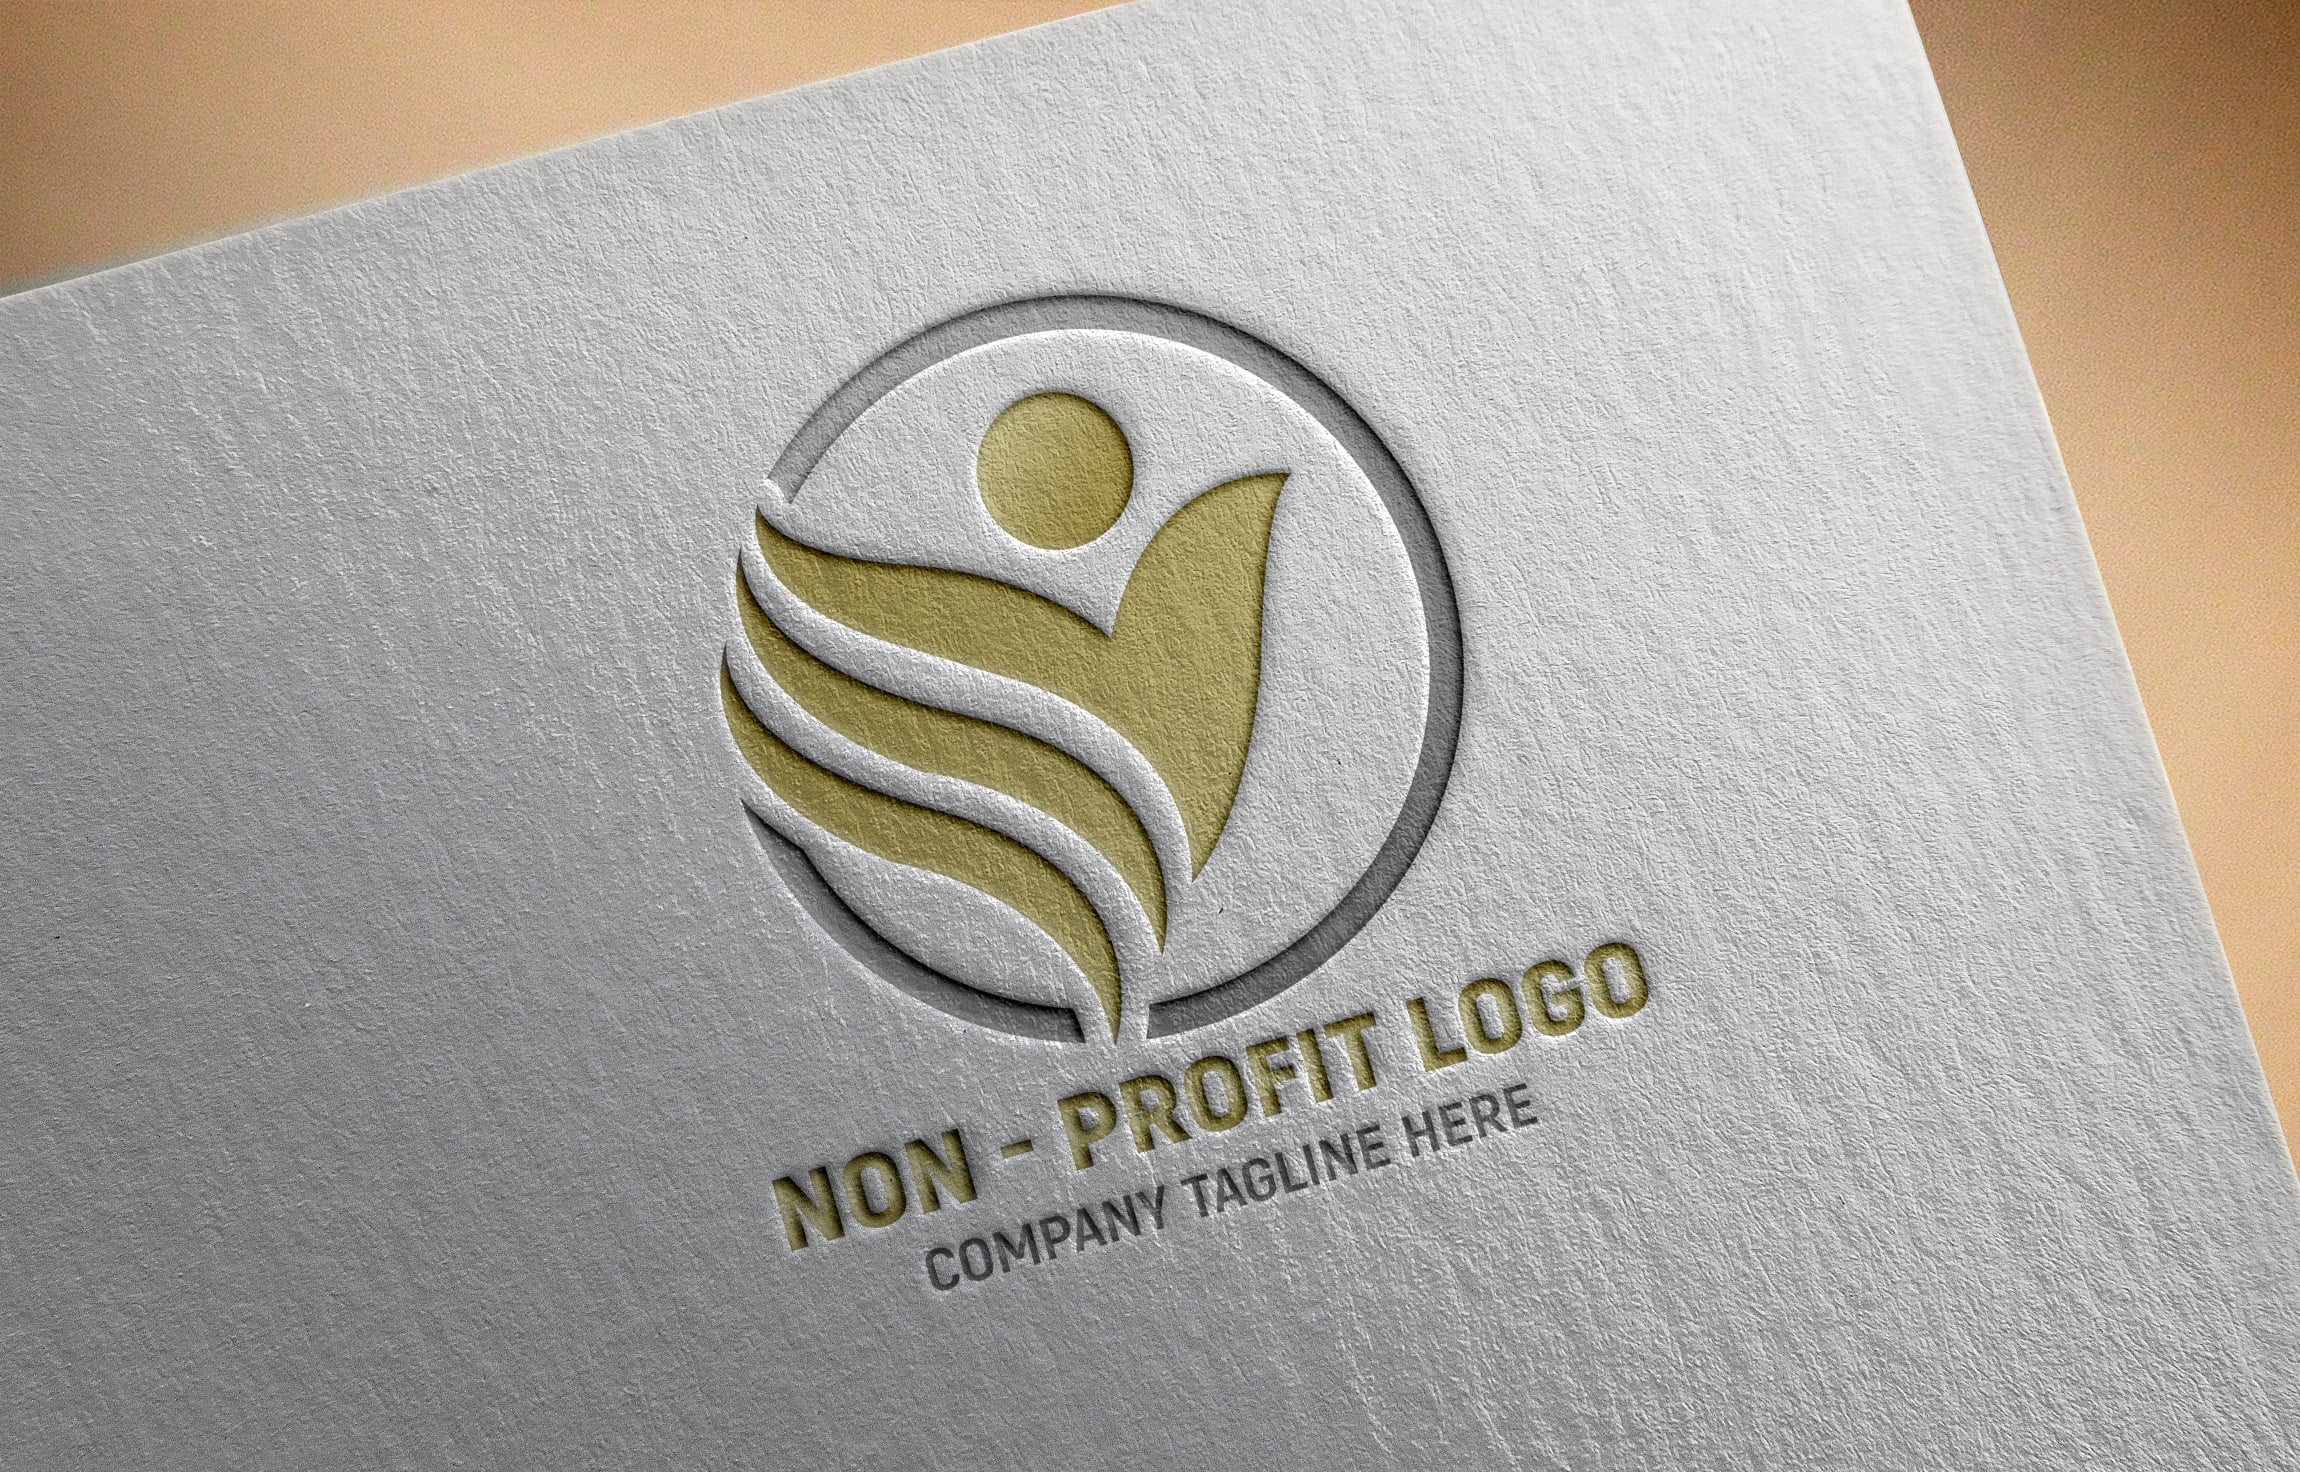 Non-Profit Company Logo Design on paper